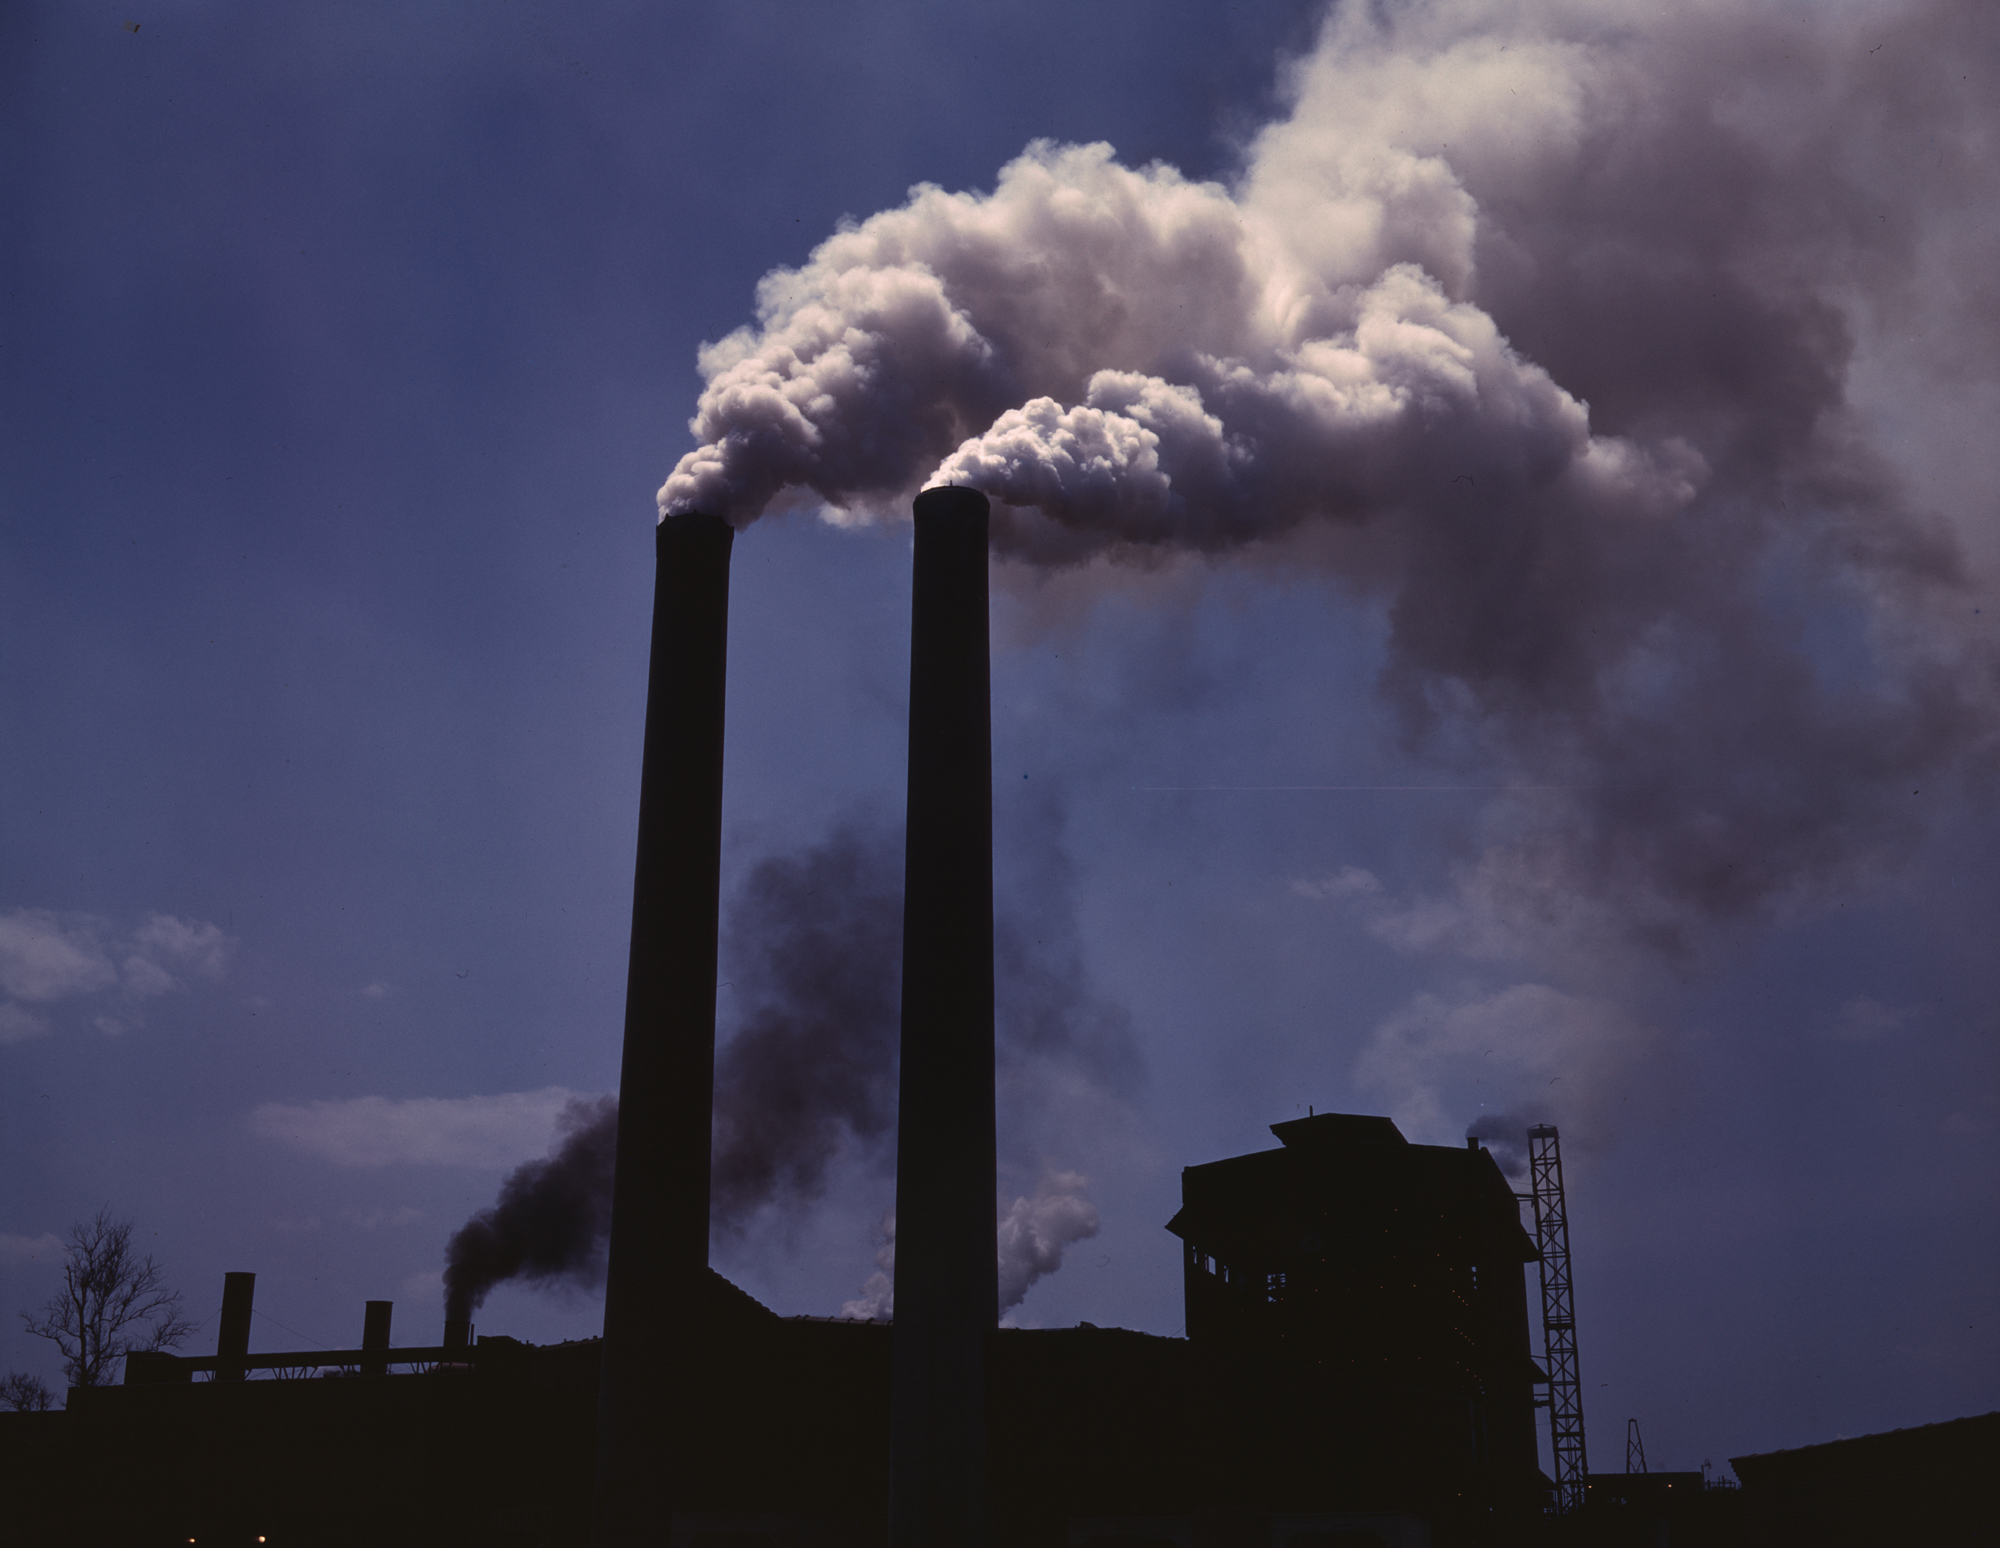 صور موضوع تعبير عن التلوث